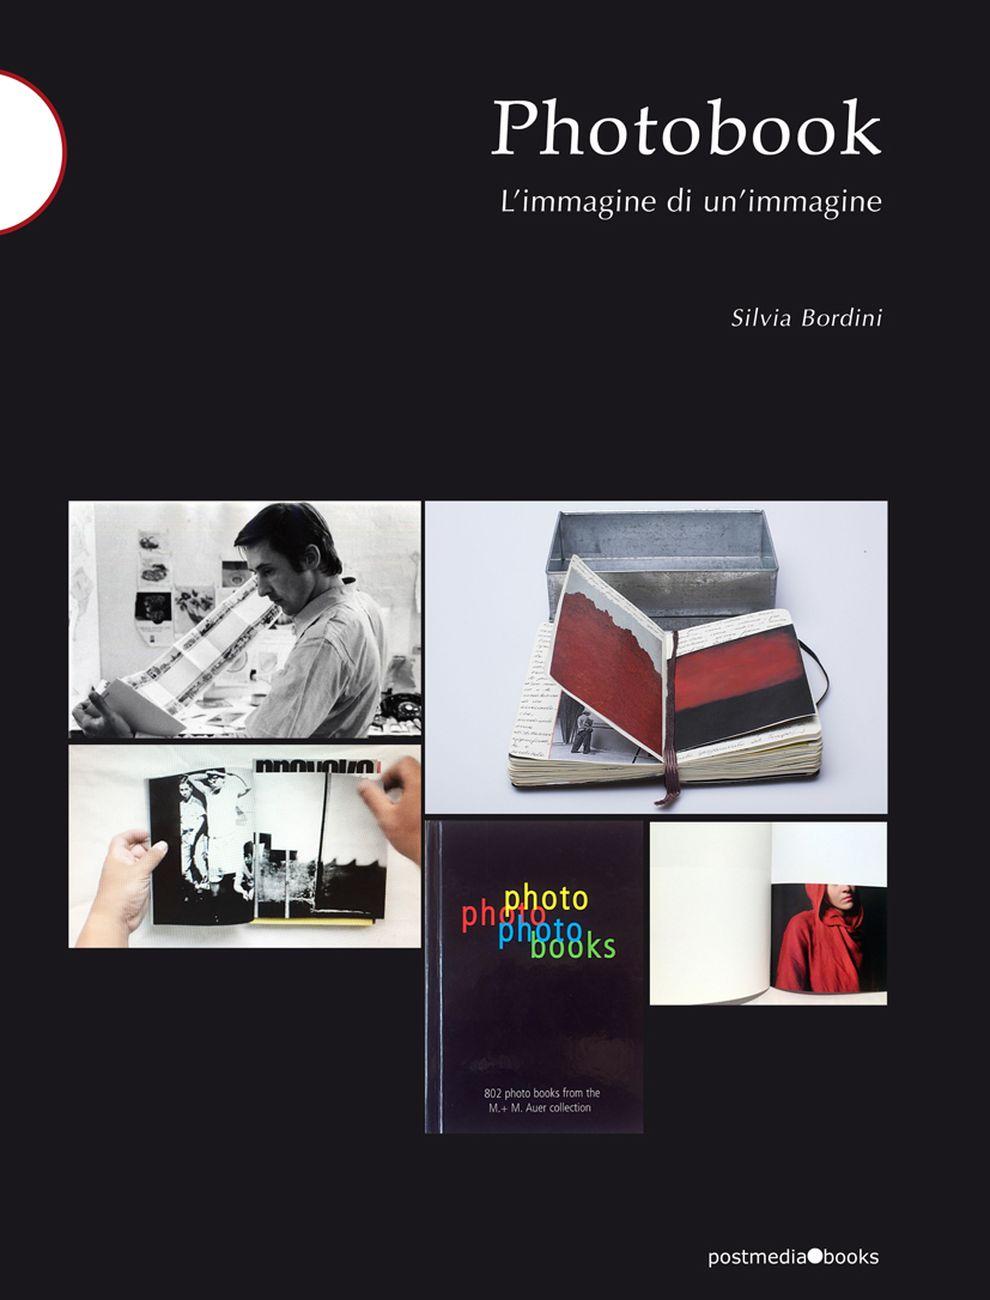 Silvia Bordini – Photobook. L'immagine di un'immagine (Postmediabooks, Milano 2020)